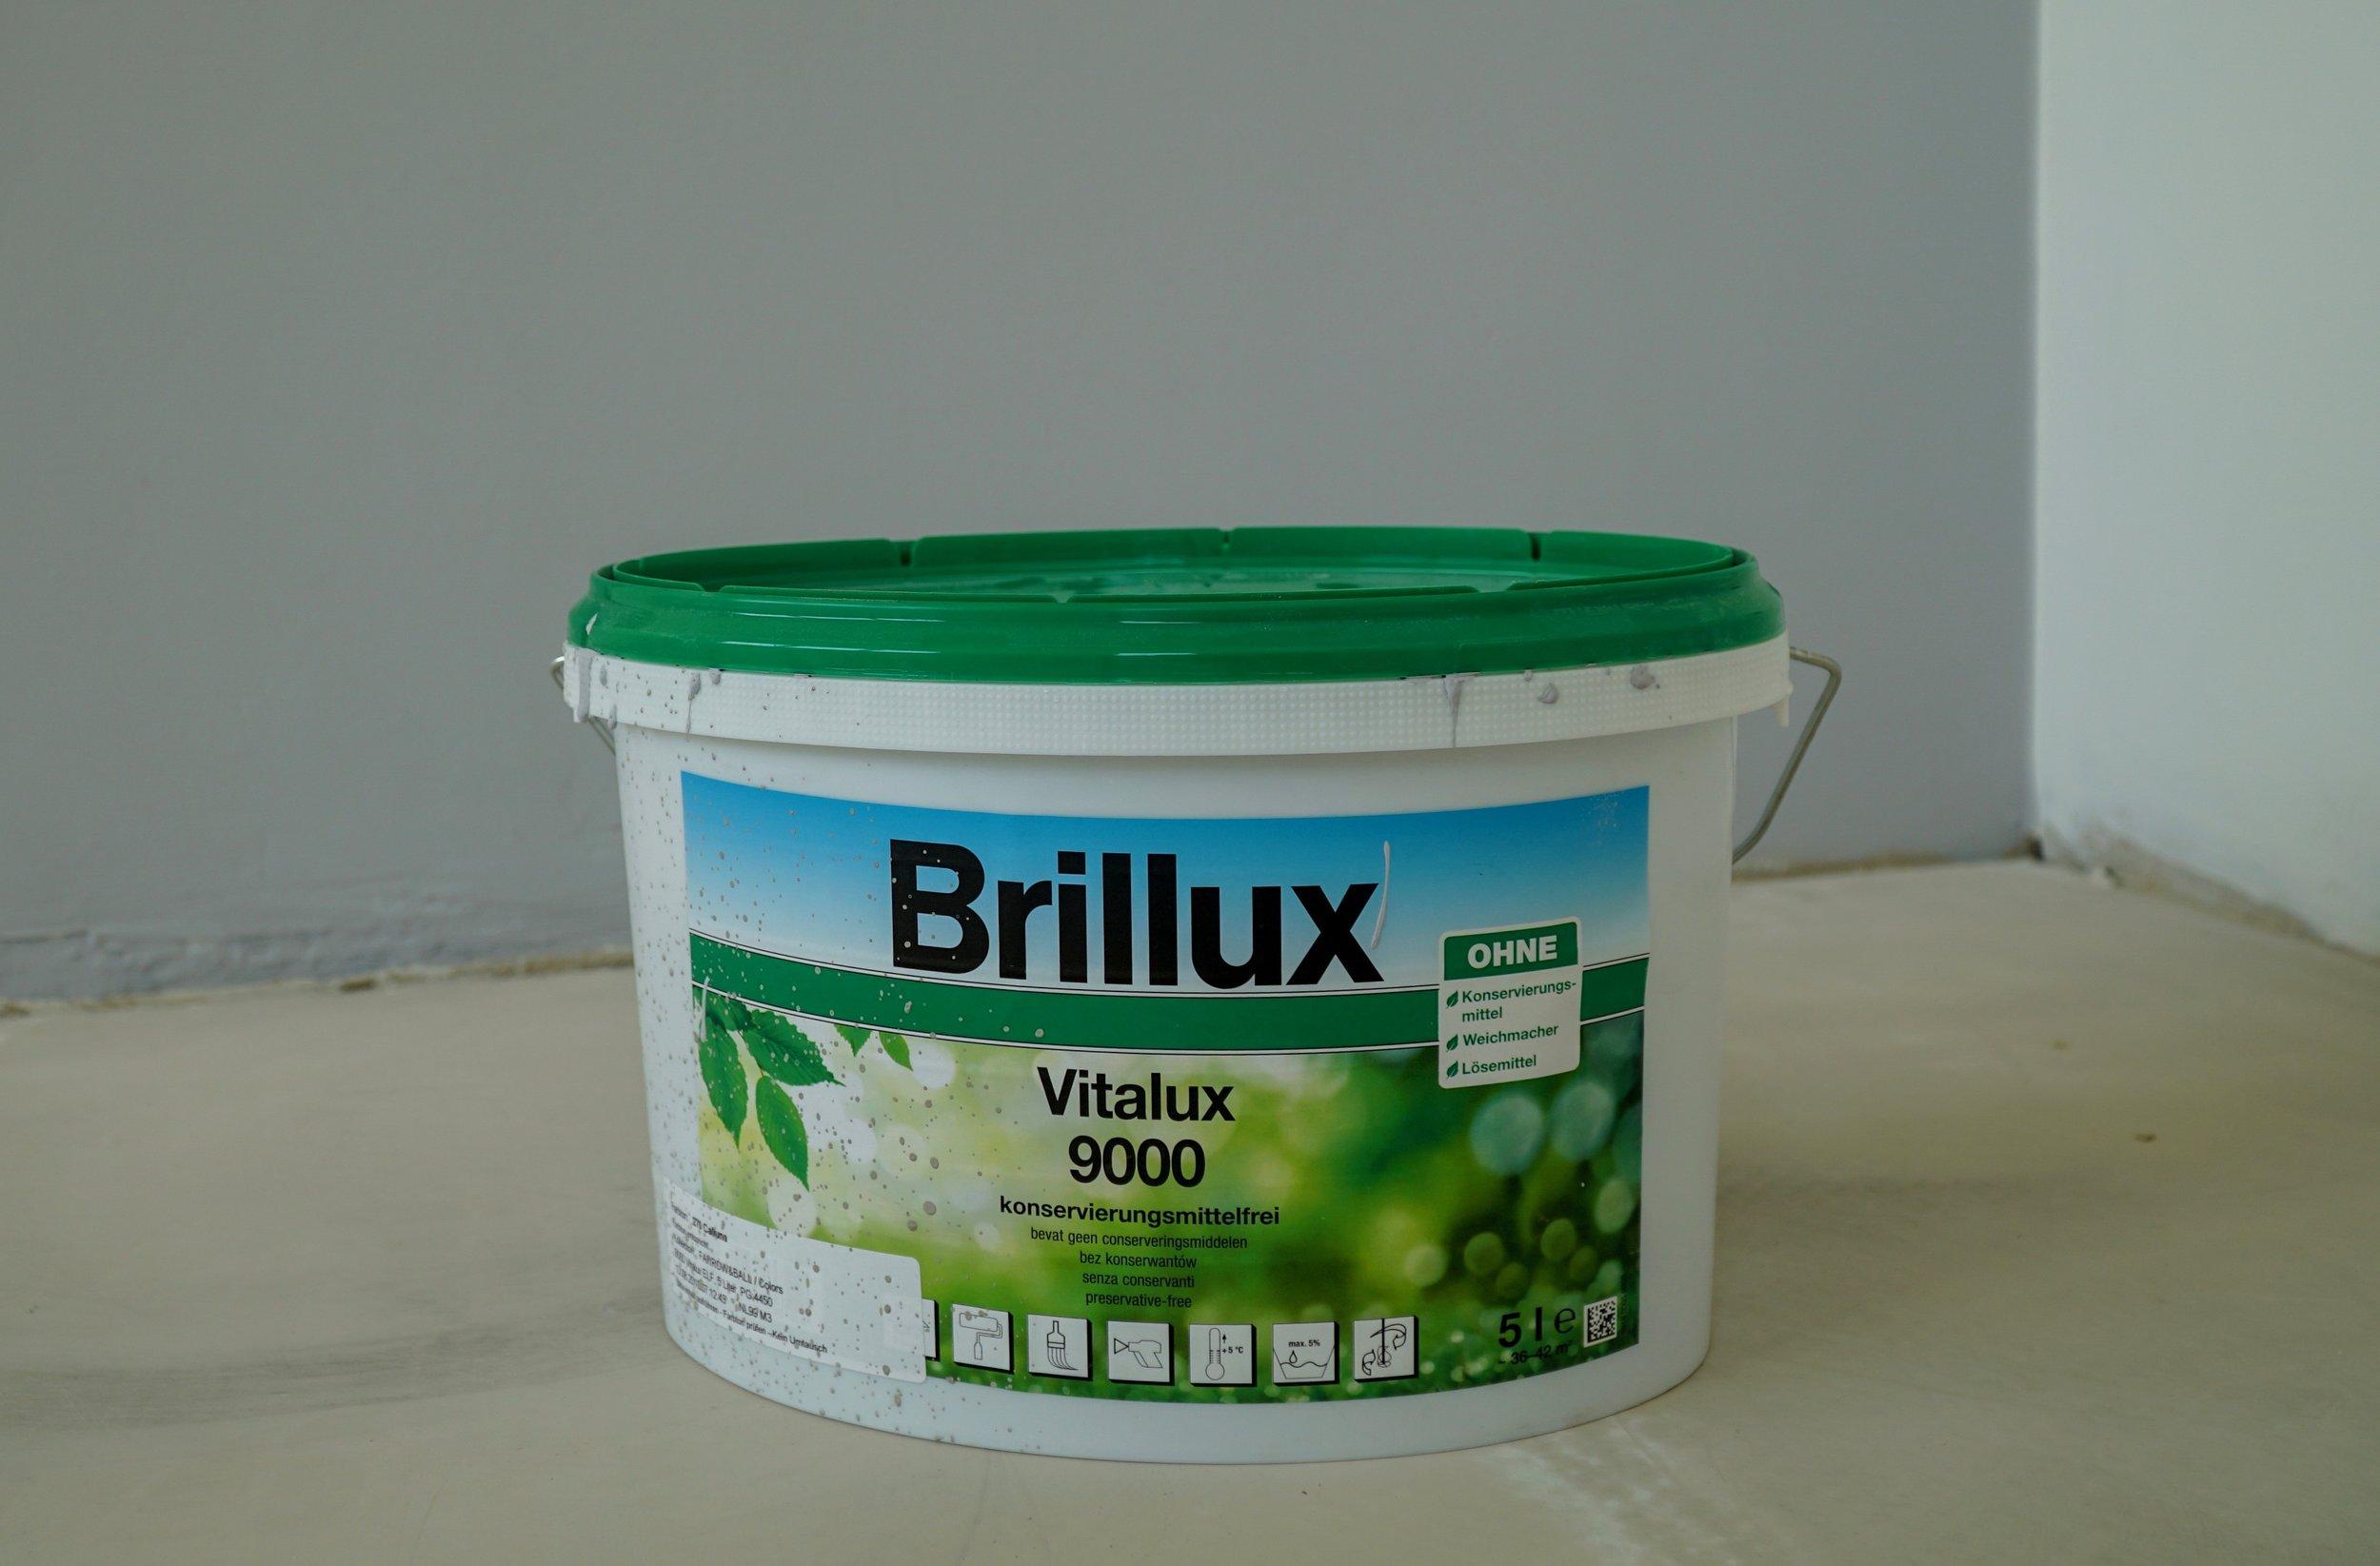 Brillux Vitalux 9000